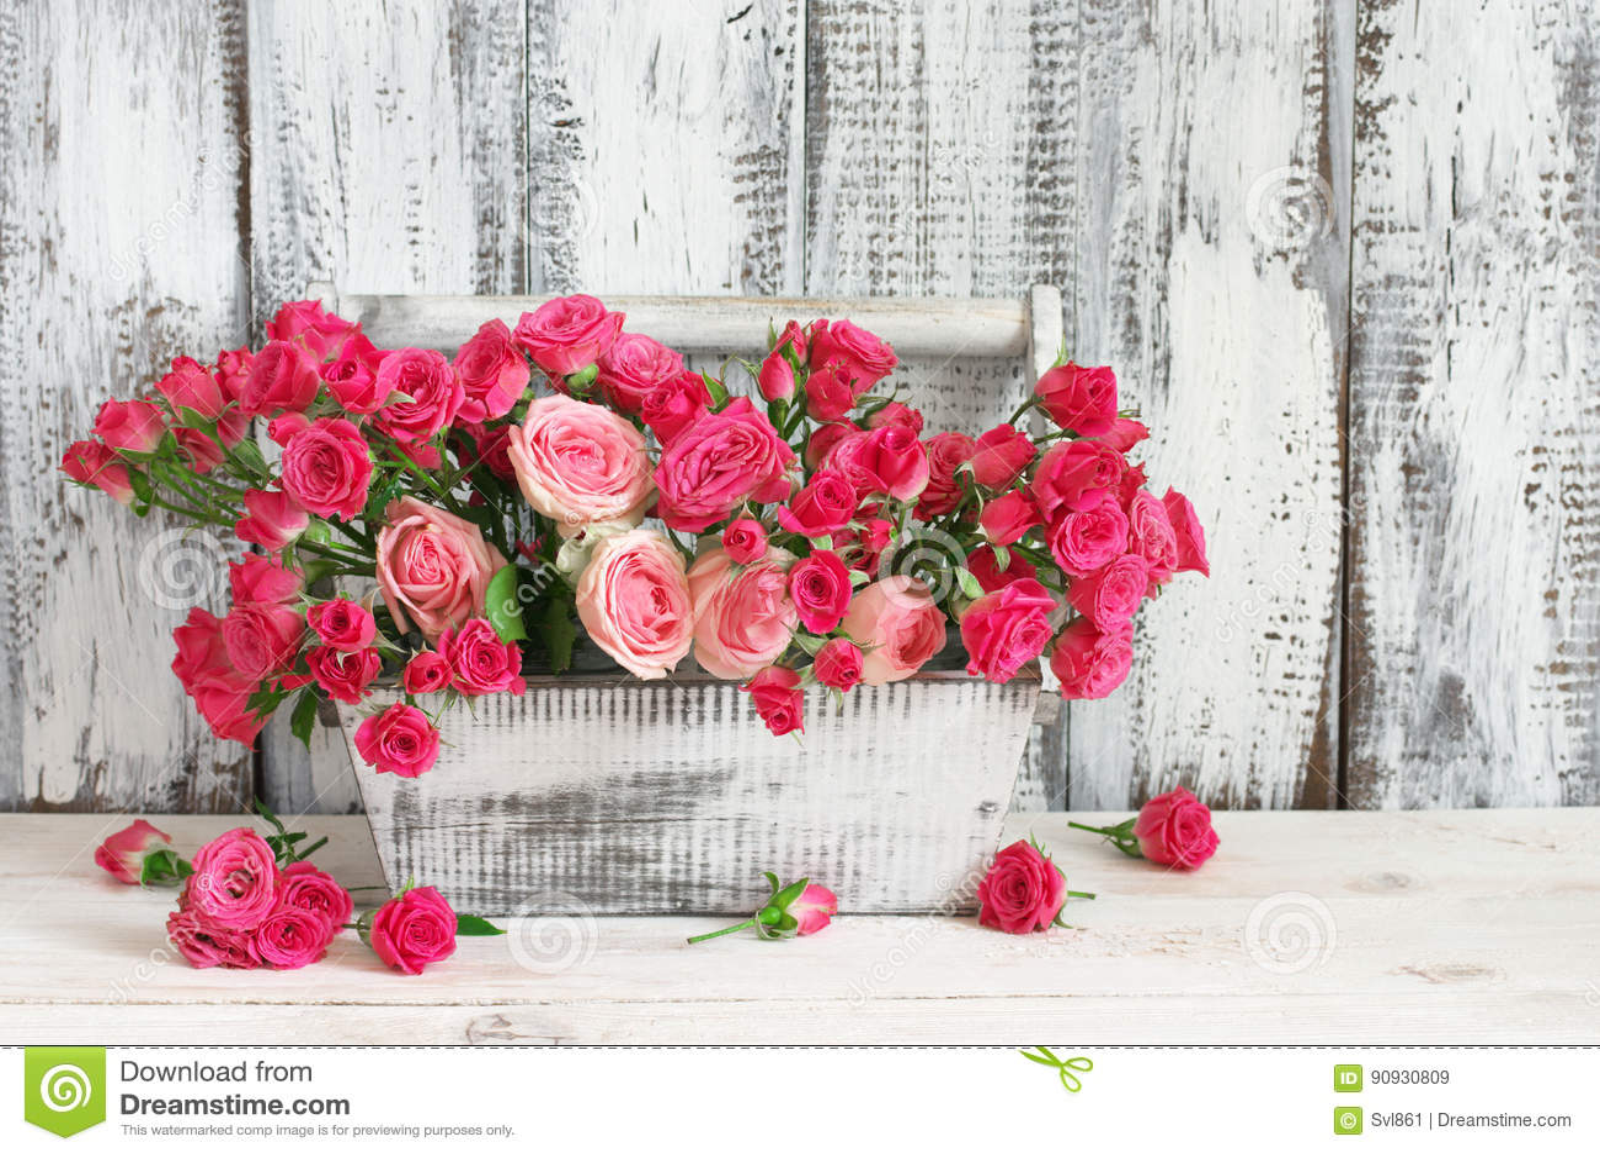 Blumenstrauß von rosa Rosen im Kasten